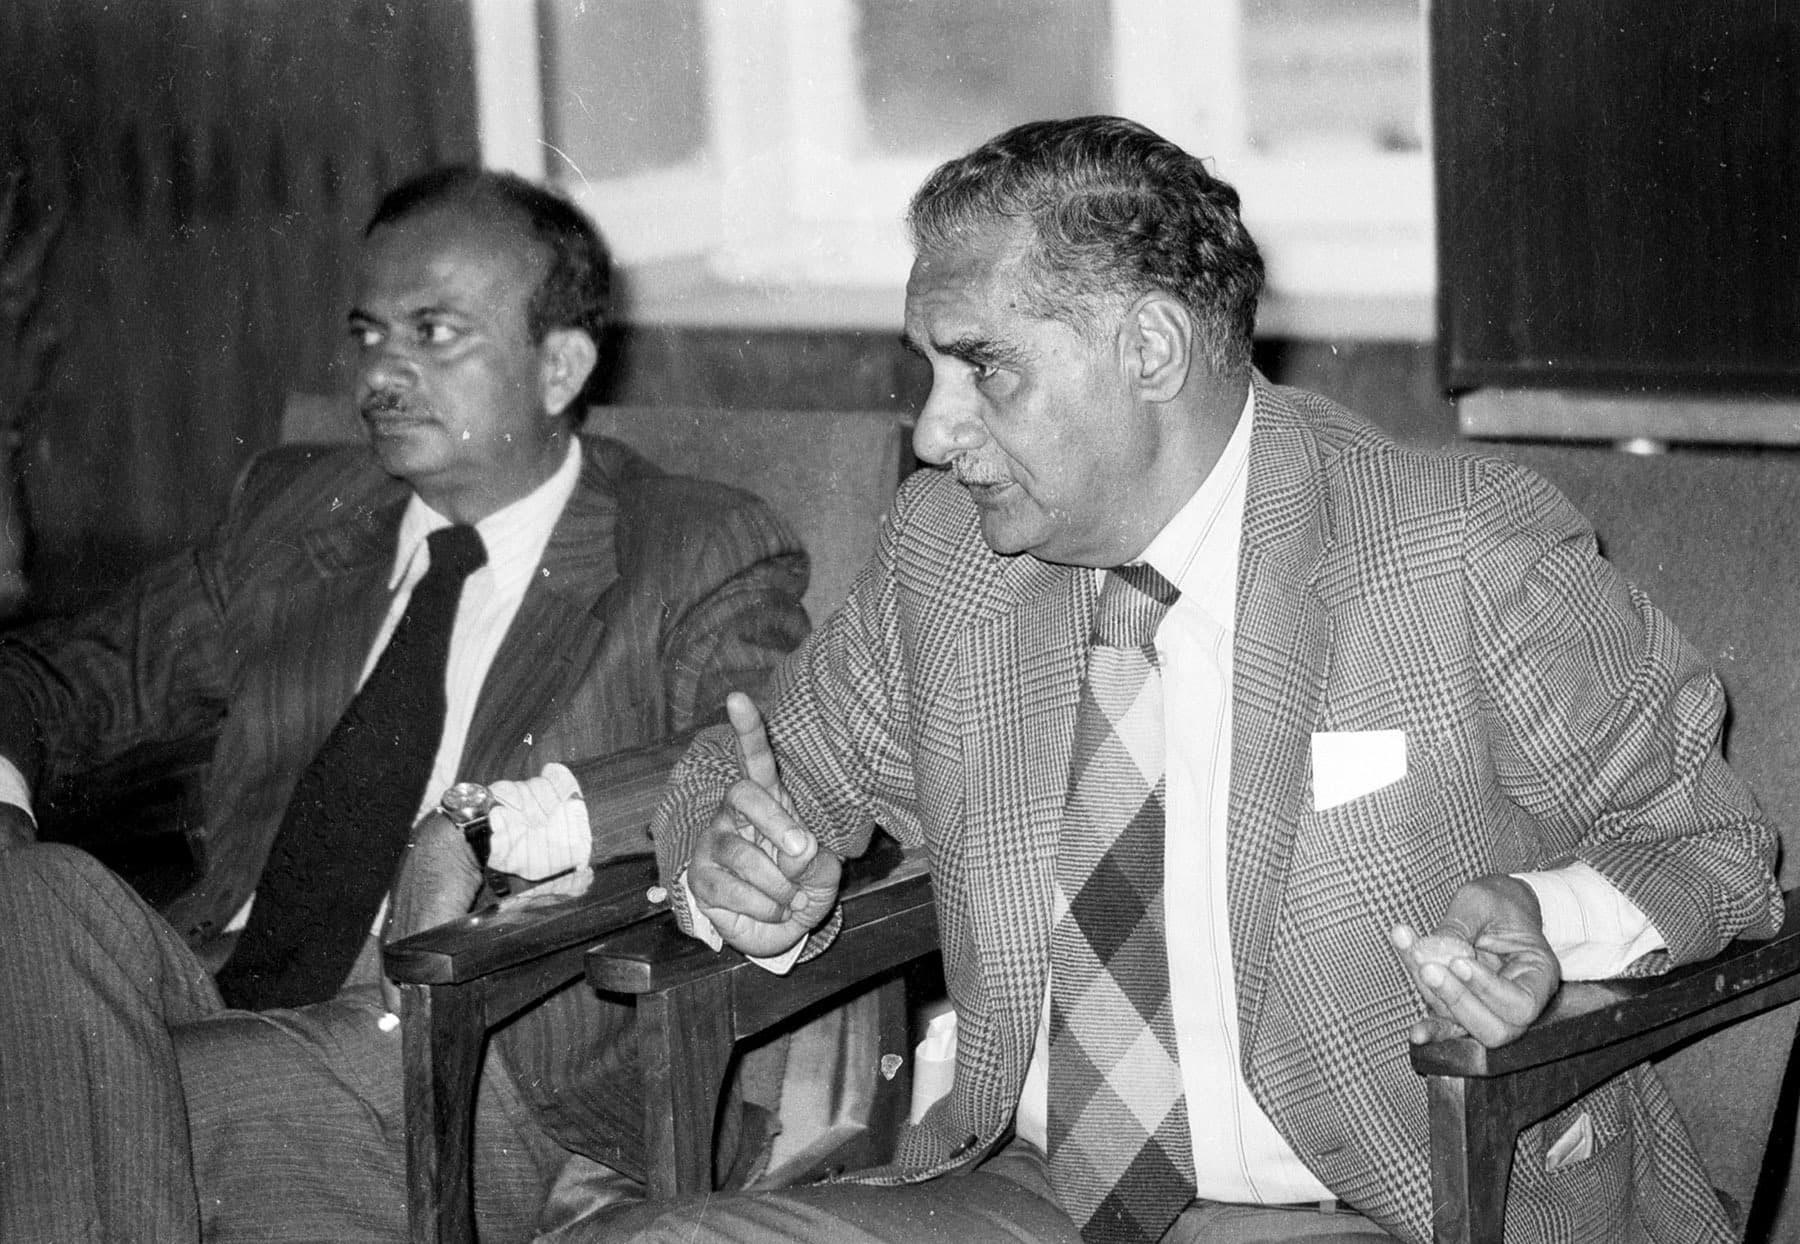 11 دسمبر 1983ء کو بھارتی صحافی کلدیپ نئیر جلیس ہال میں محو گفتگو ہیں— تصویر بشکریہ زاہد حسین